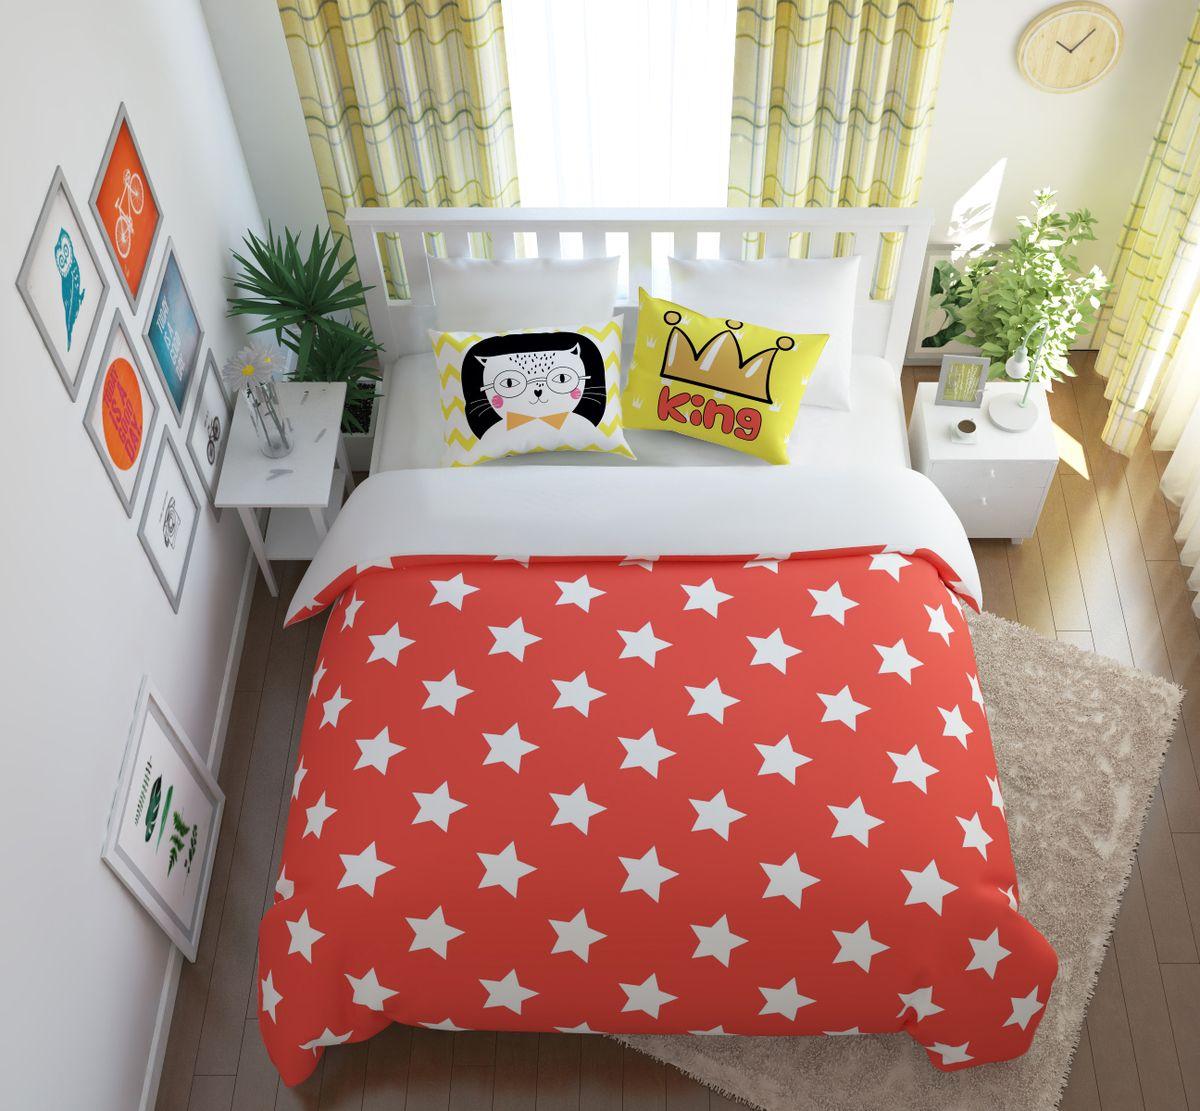 Комплект белья Сирень Королевские покои, 1,5-спальный, наволочки 50x7007865-КПБ-МКомплект постельного белья Сирень выполнен из прочной и мягкой ткани. Четкий и стильный рисунок в сочетании с насыщенными красками делают комплект постельного белья неповторимой изюминкой любого интерьера. Постельное белье идеально подойдет для подарка. Идеальное соотношение смешенной ткани и гипоаллергенных красок это гарантия здорового, спокойного сна. Ткань хорошо впитывает влагу, надолго сохраняет яркость красок. Цвет простыни, пододеяльника, наволочки в комплектации может немного отличаться от представленного на фото. В комплект входят: простынь - 150х220см; пододельяник 145х210 см; наволочка - 50х70х2шт. Постельное белье легко стирать при 30-40 градусах, гладить при 150 градусах, не отбеливать.Рекомендуется перед первым изпользованием постирать.